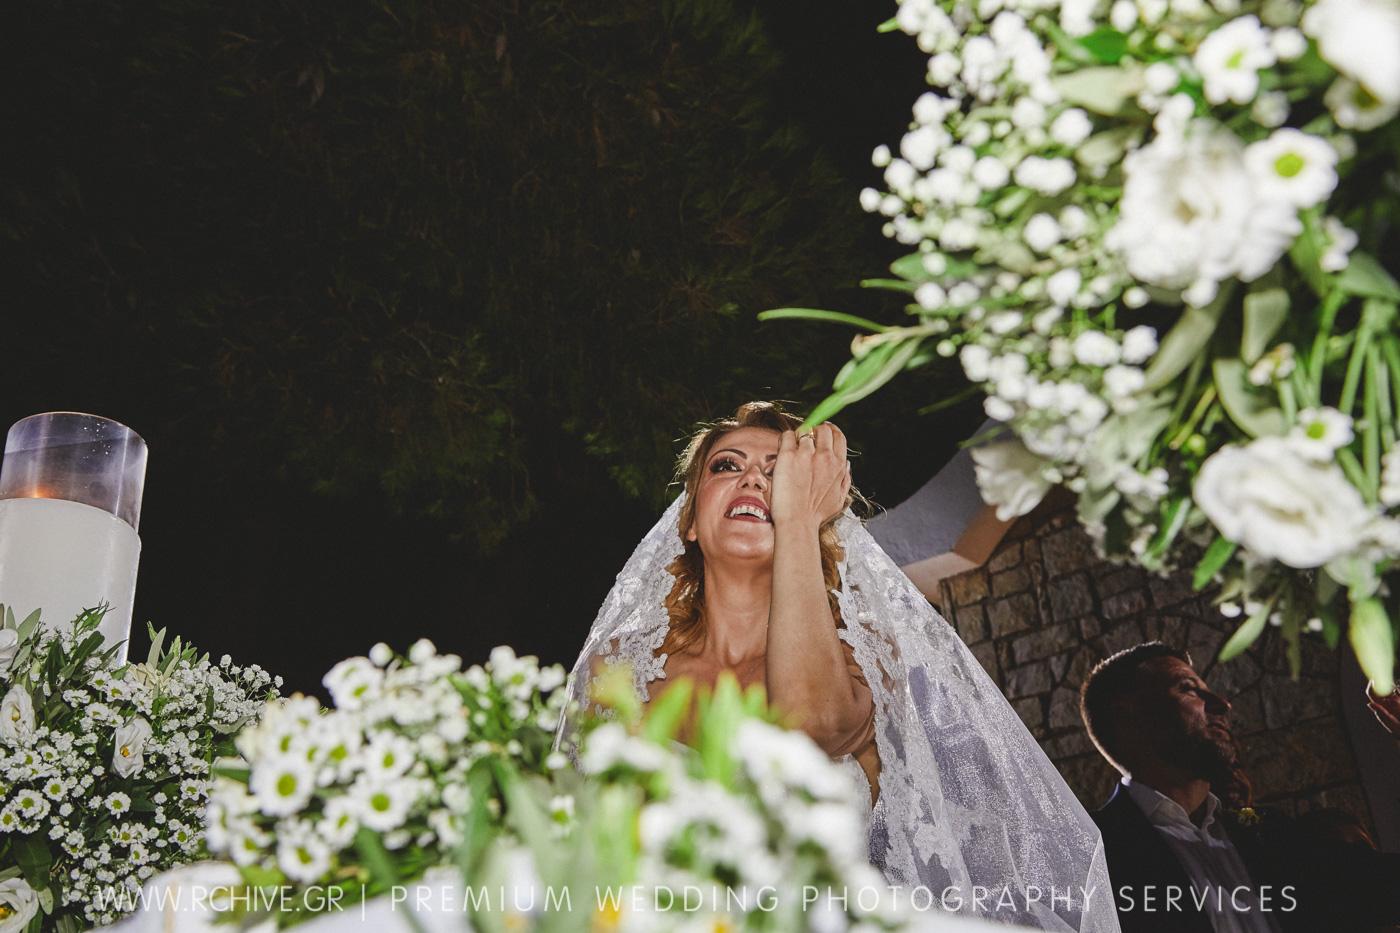 αλσος νυμφων φωτογραφία γάμου studio 7